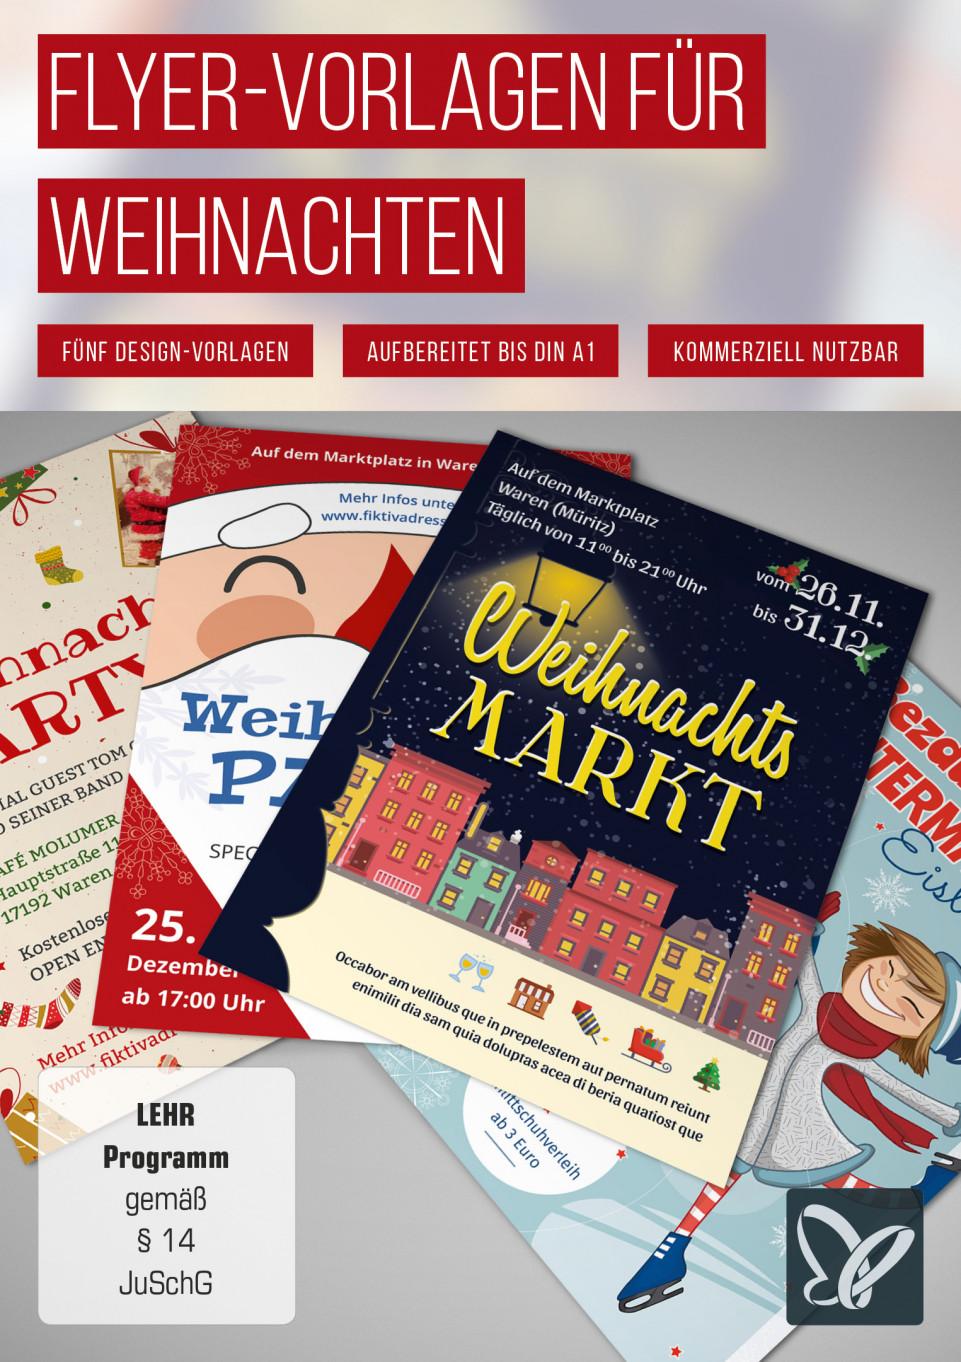 Flyer-Vorlagen für Weihnachten